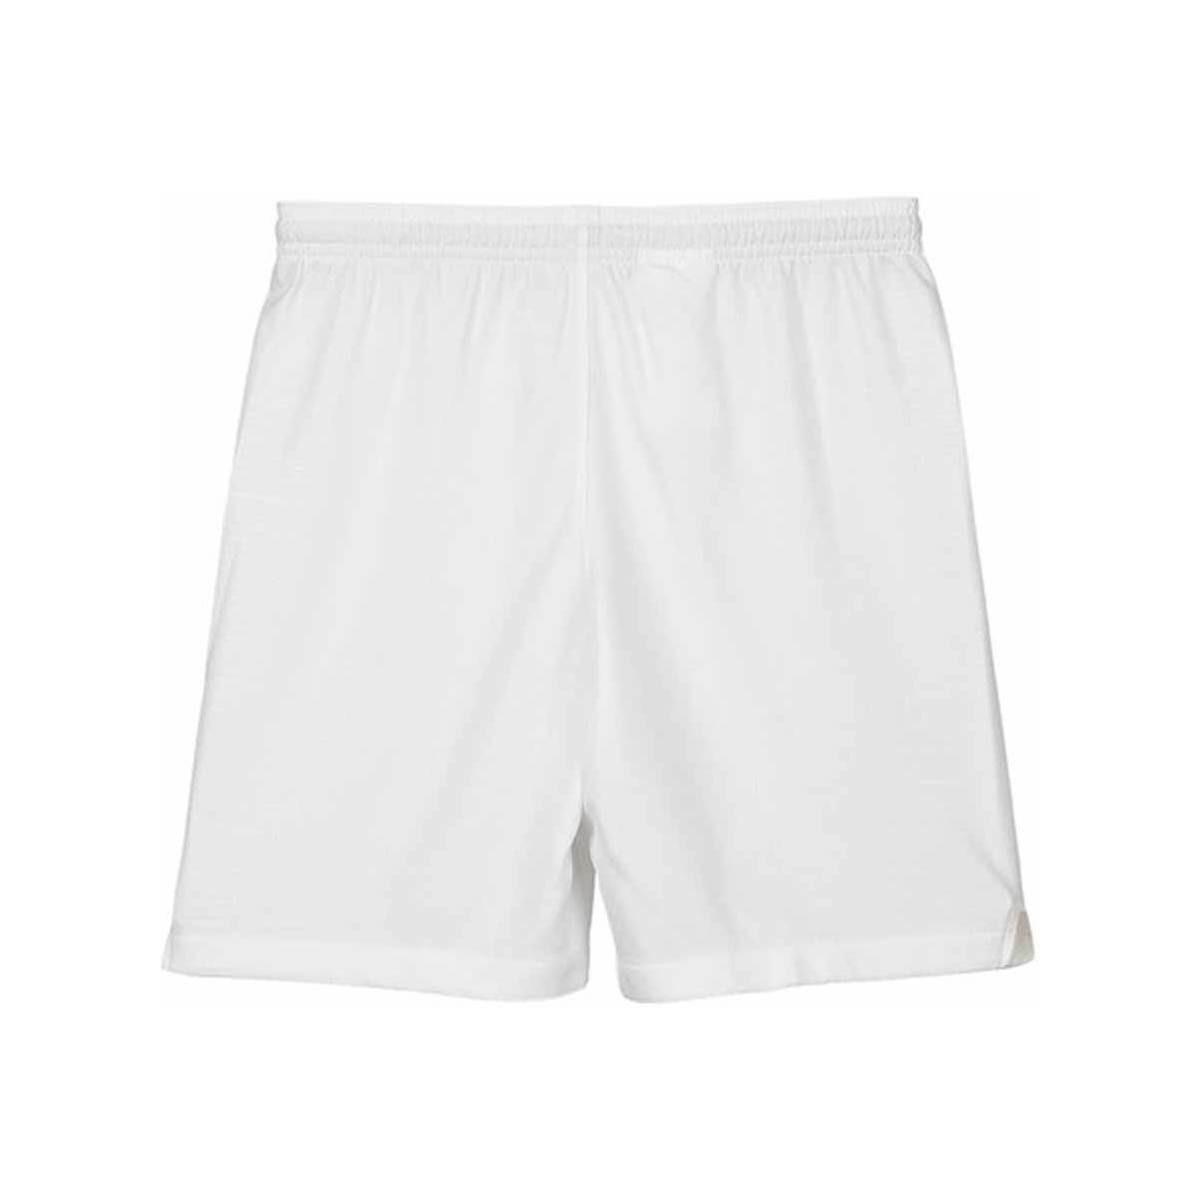 2ceacc0dcbbc Nike - 2018-2019 Brazil Away Shorts - Kids Women s Shorts In White for Men.  View fullscreen